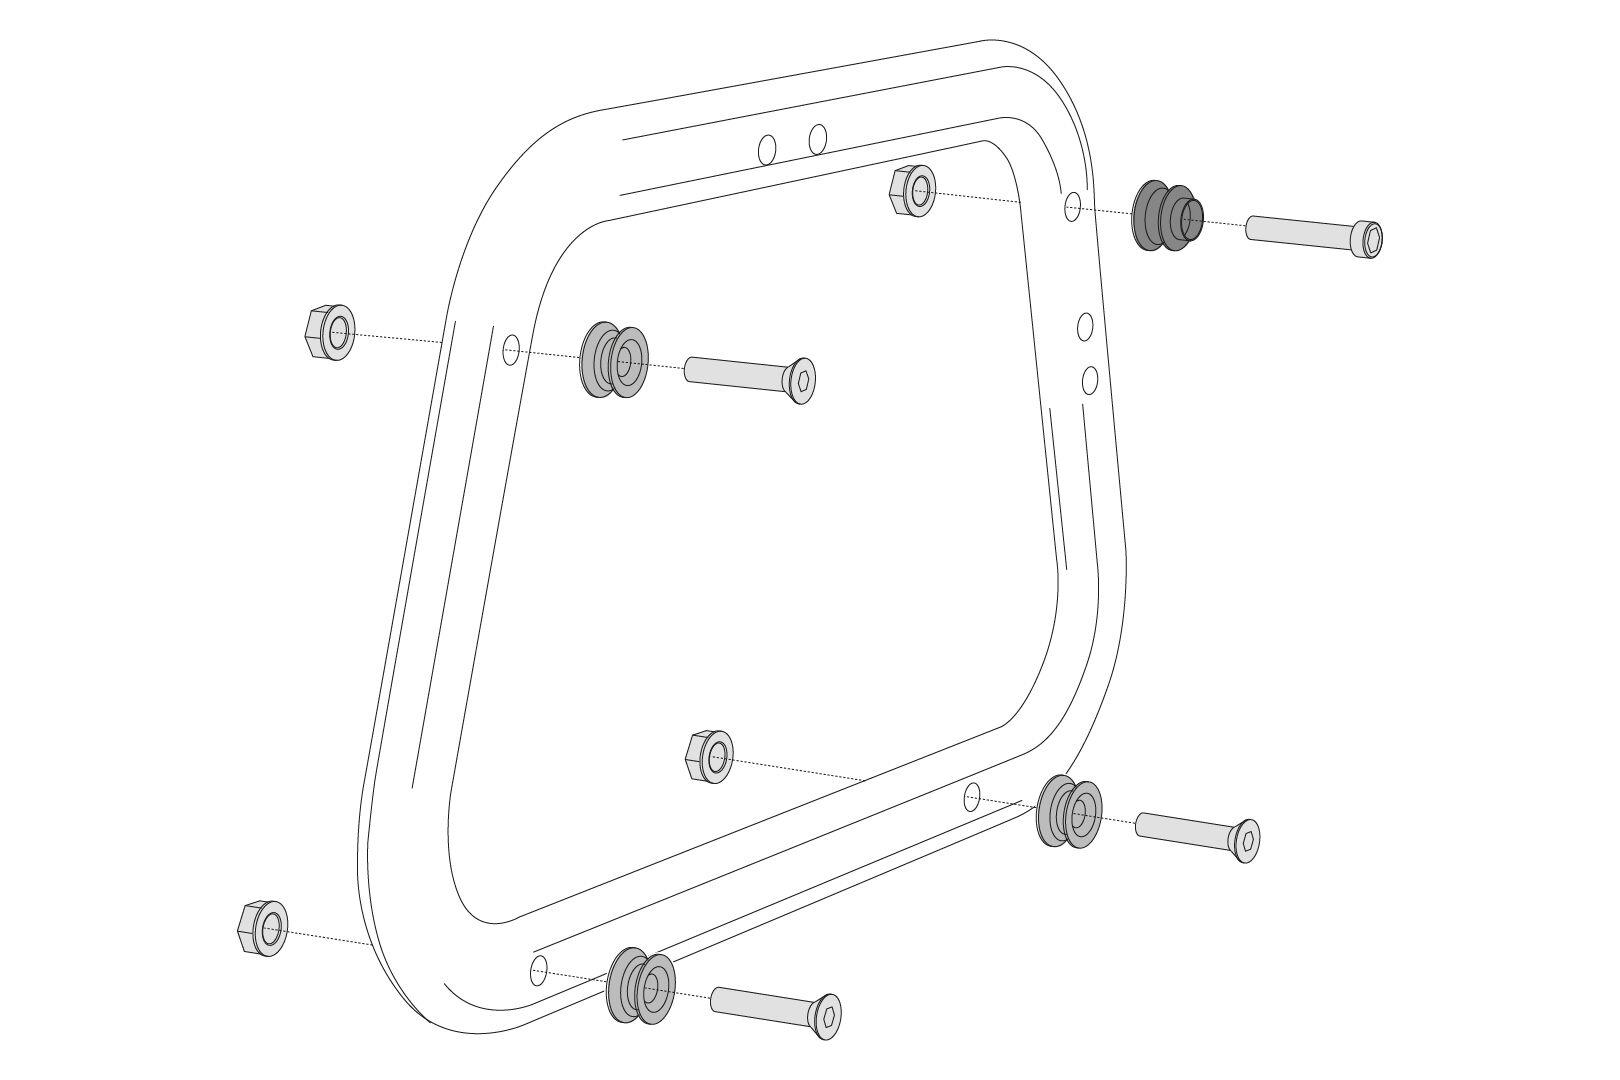 SW-Motech Kit adattatore per supporto EVO - 2 pc. Per i casi laterali AERO ABS.